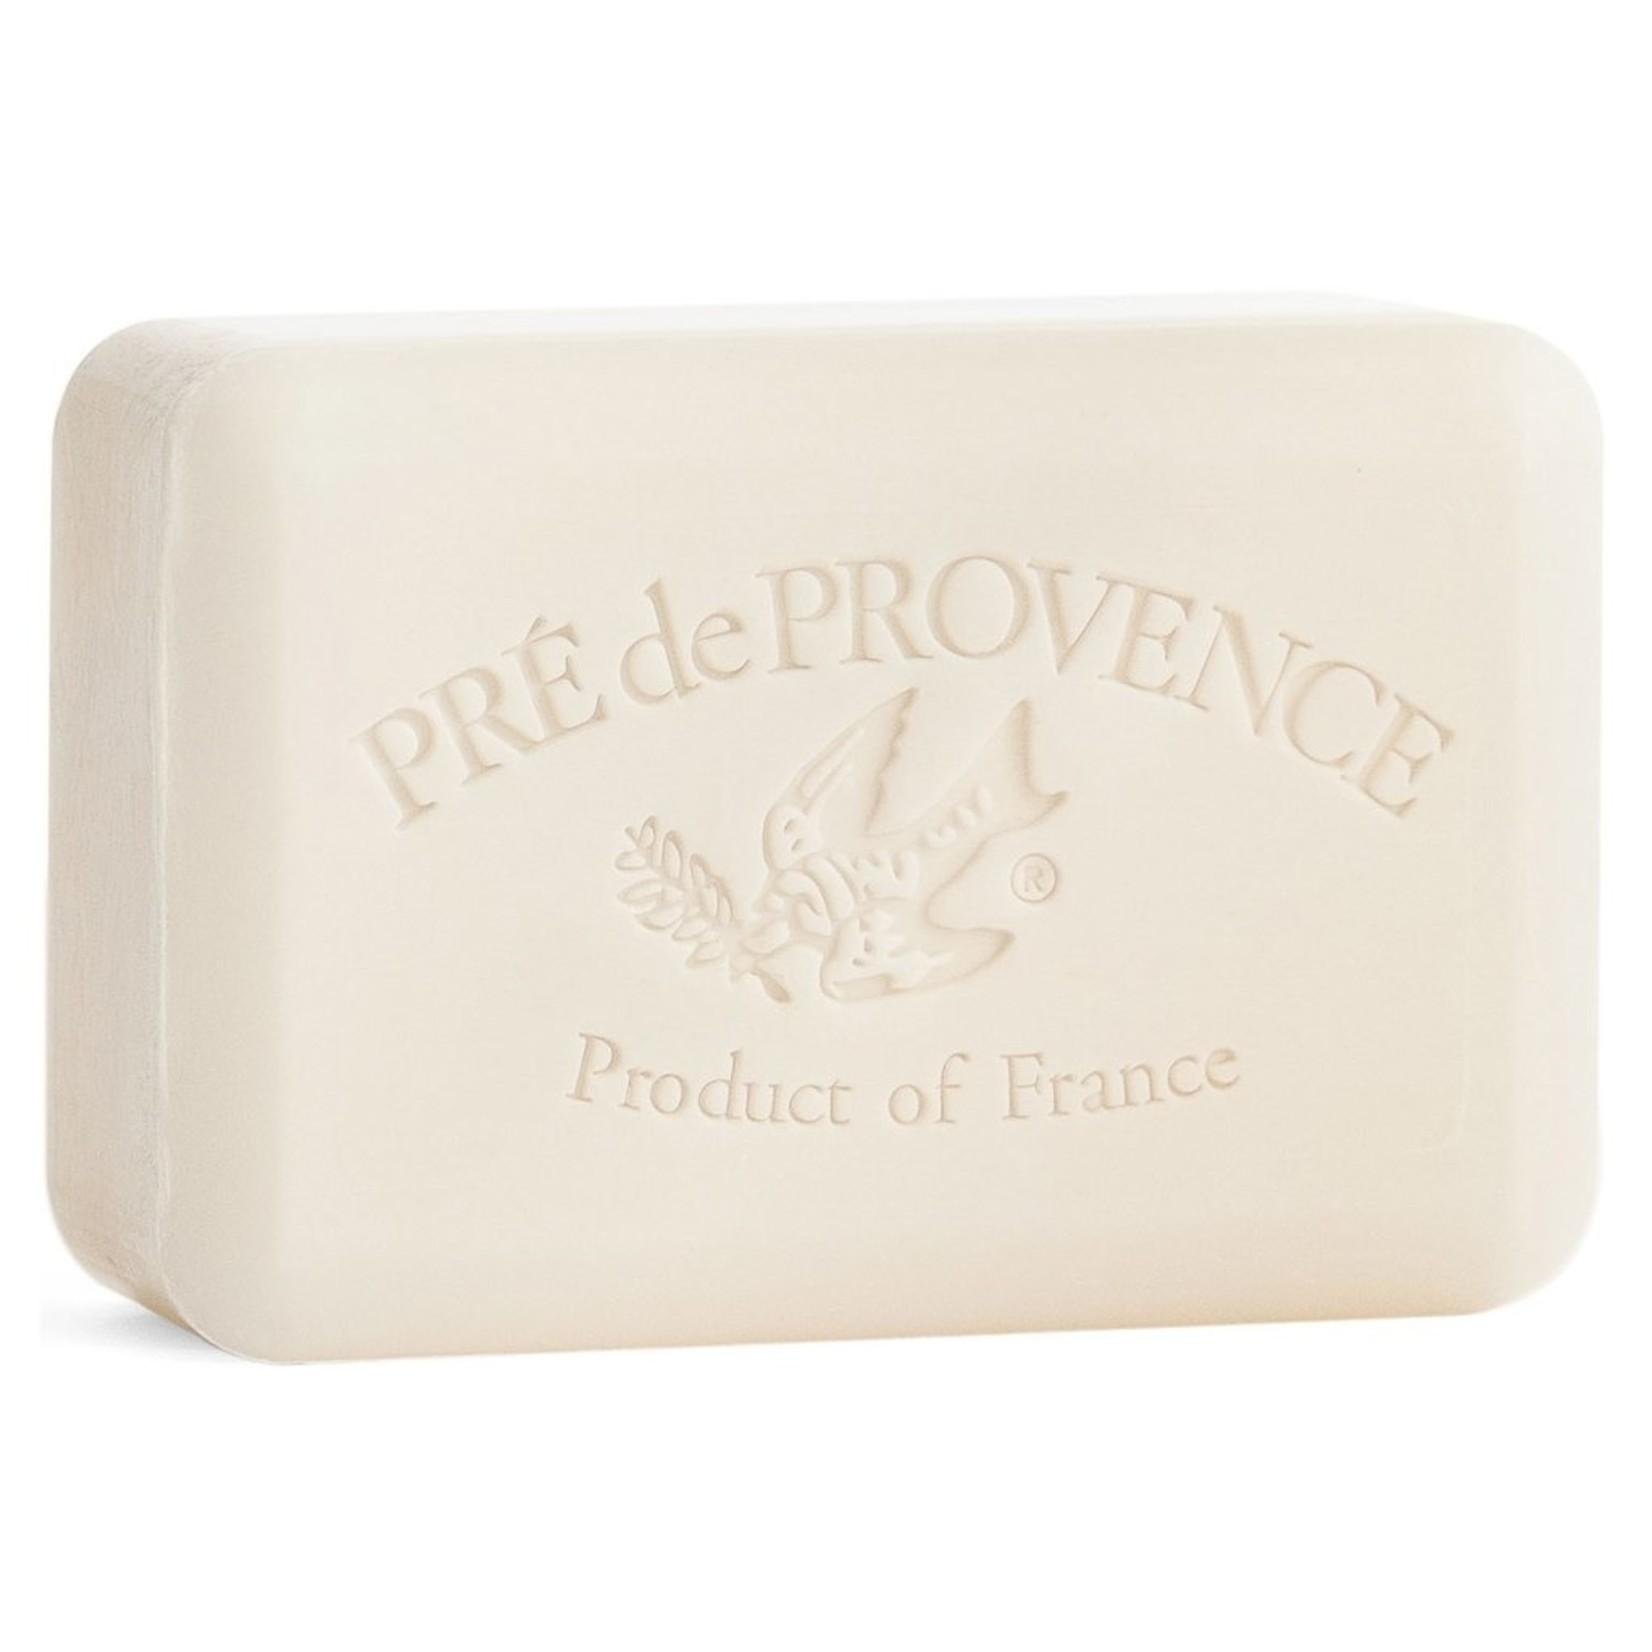 Pre de Provence Sea Salt Soap Bar